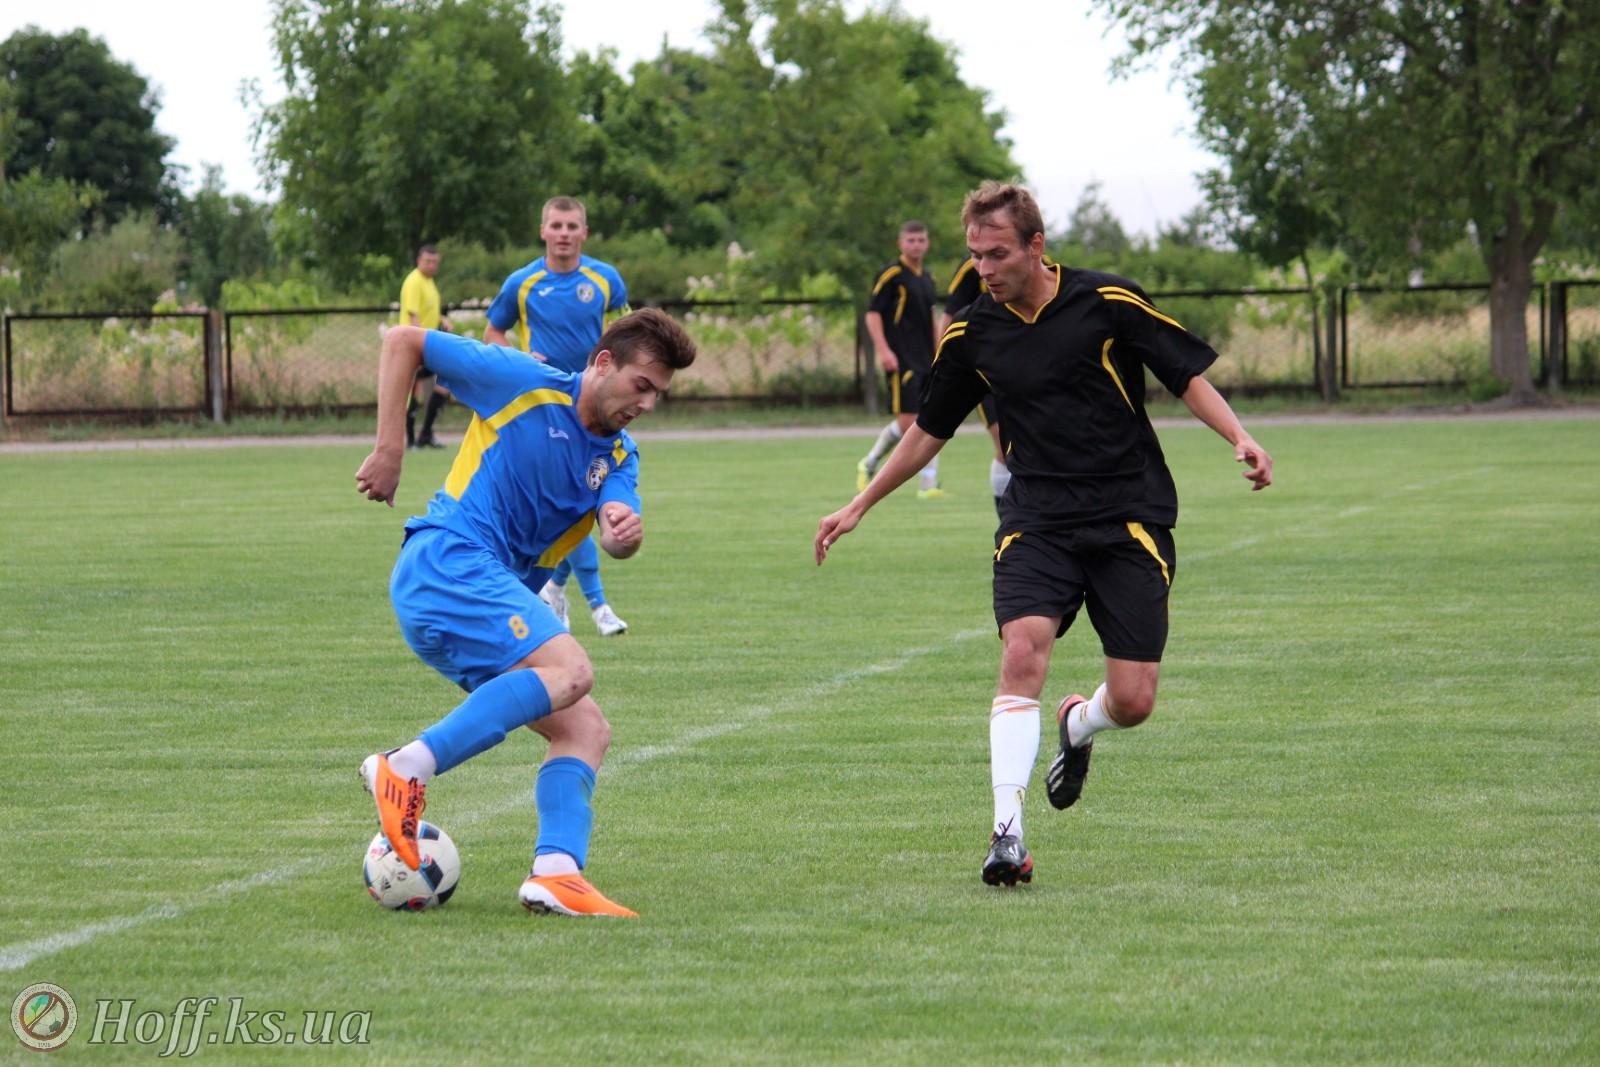 26 серпня стартують матчі другого кола Чемпіонату Херсонської області з футболу